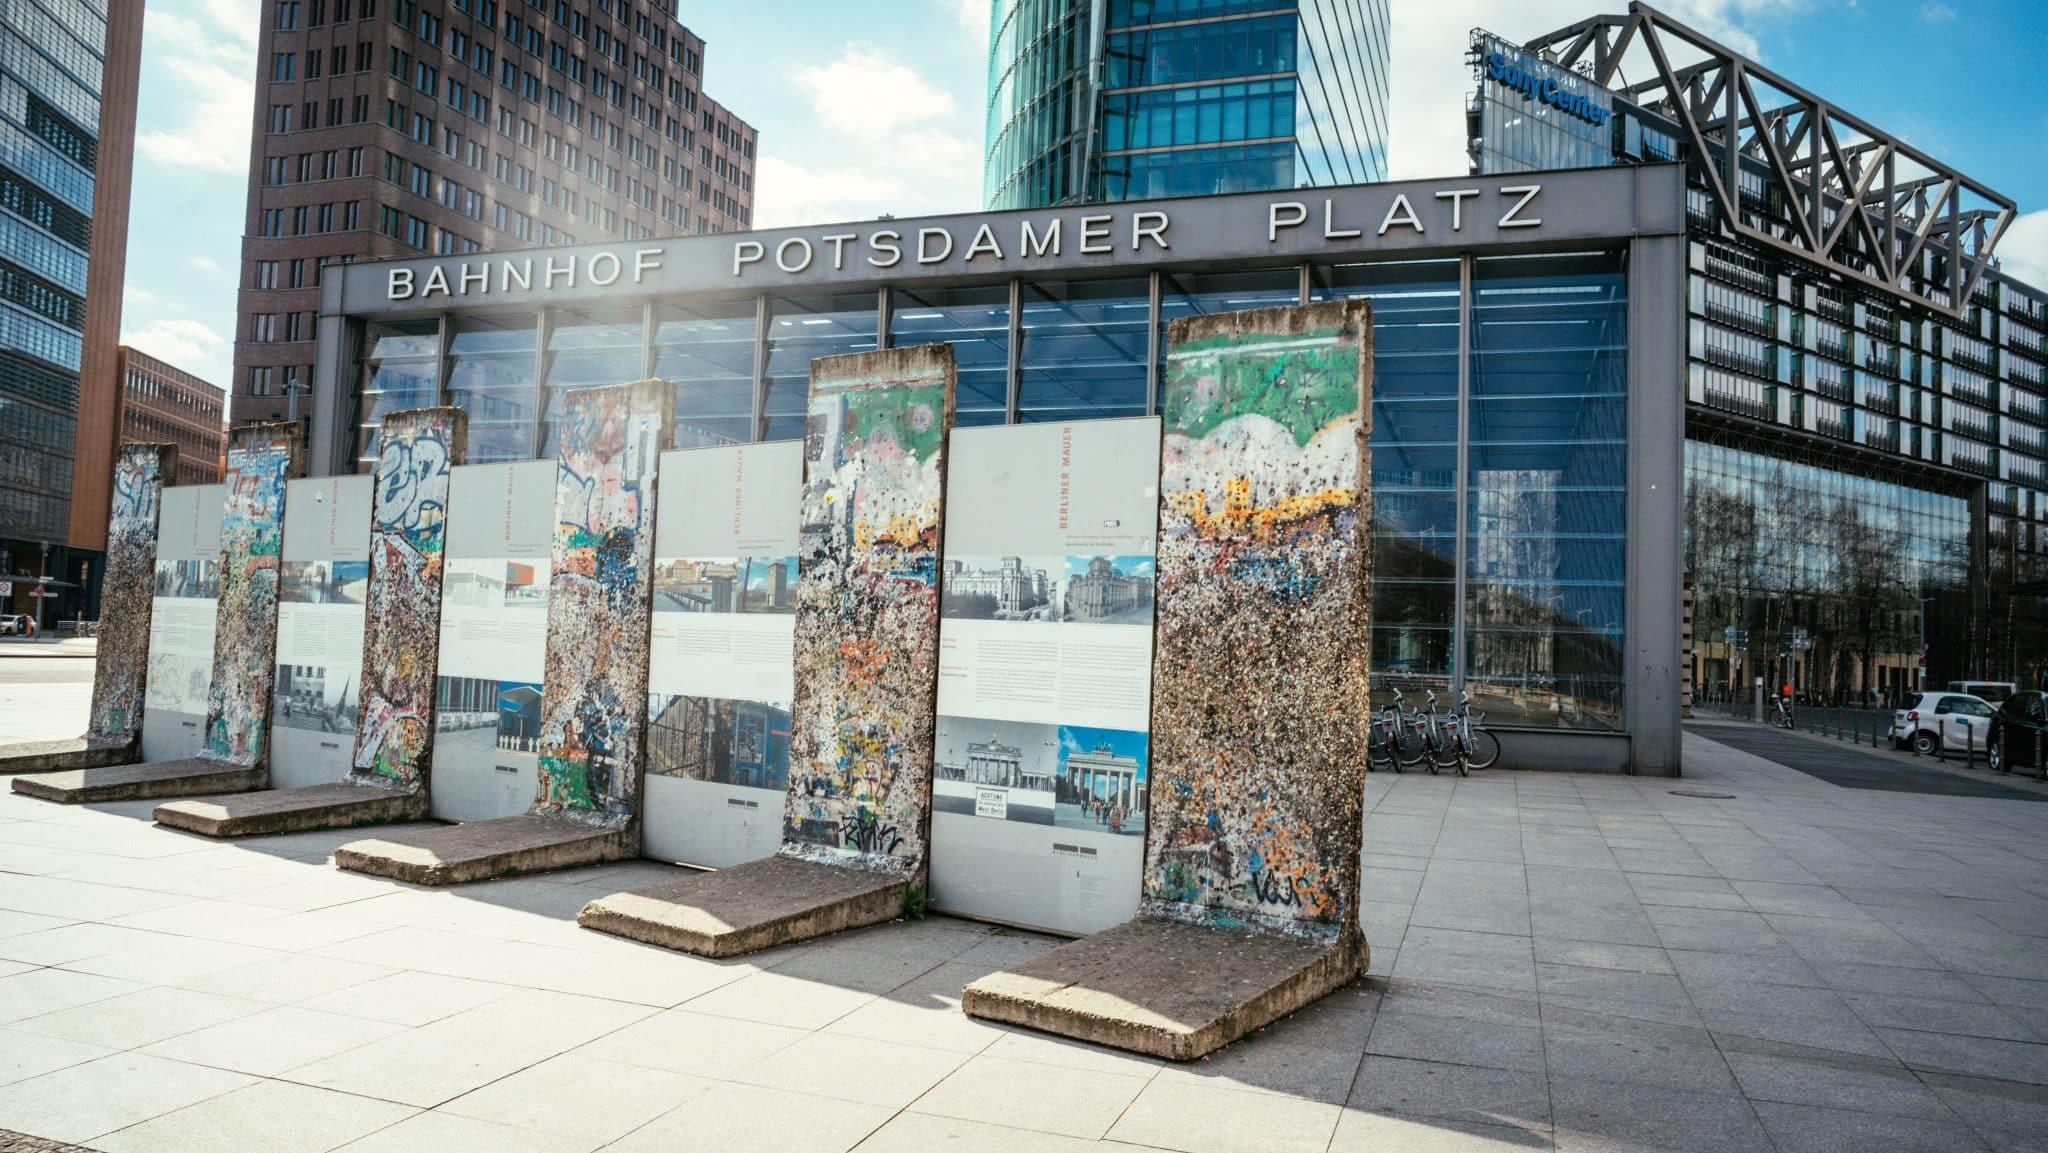 The Berlin Wall at Potsdamer Platz